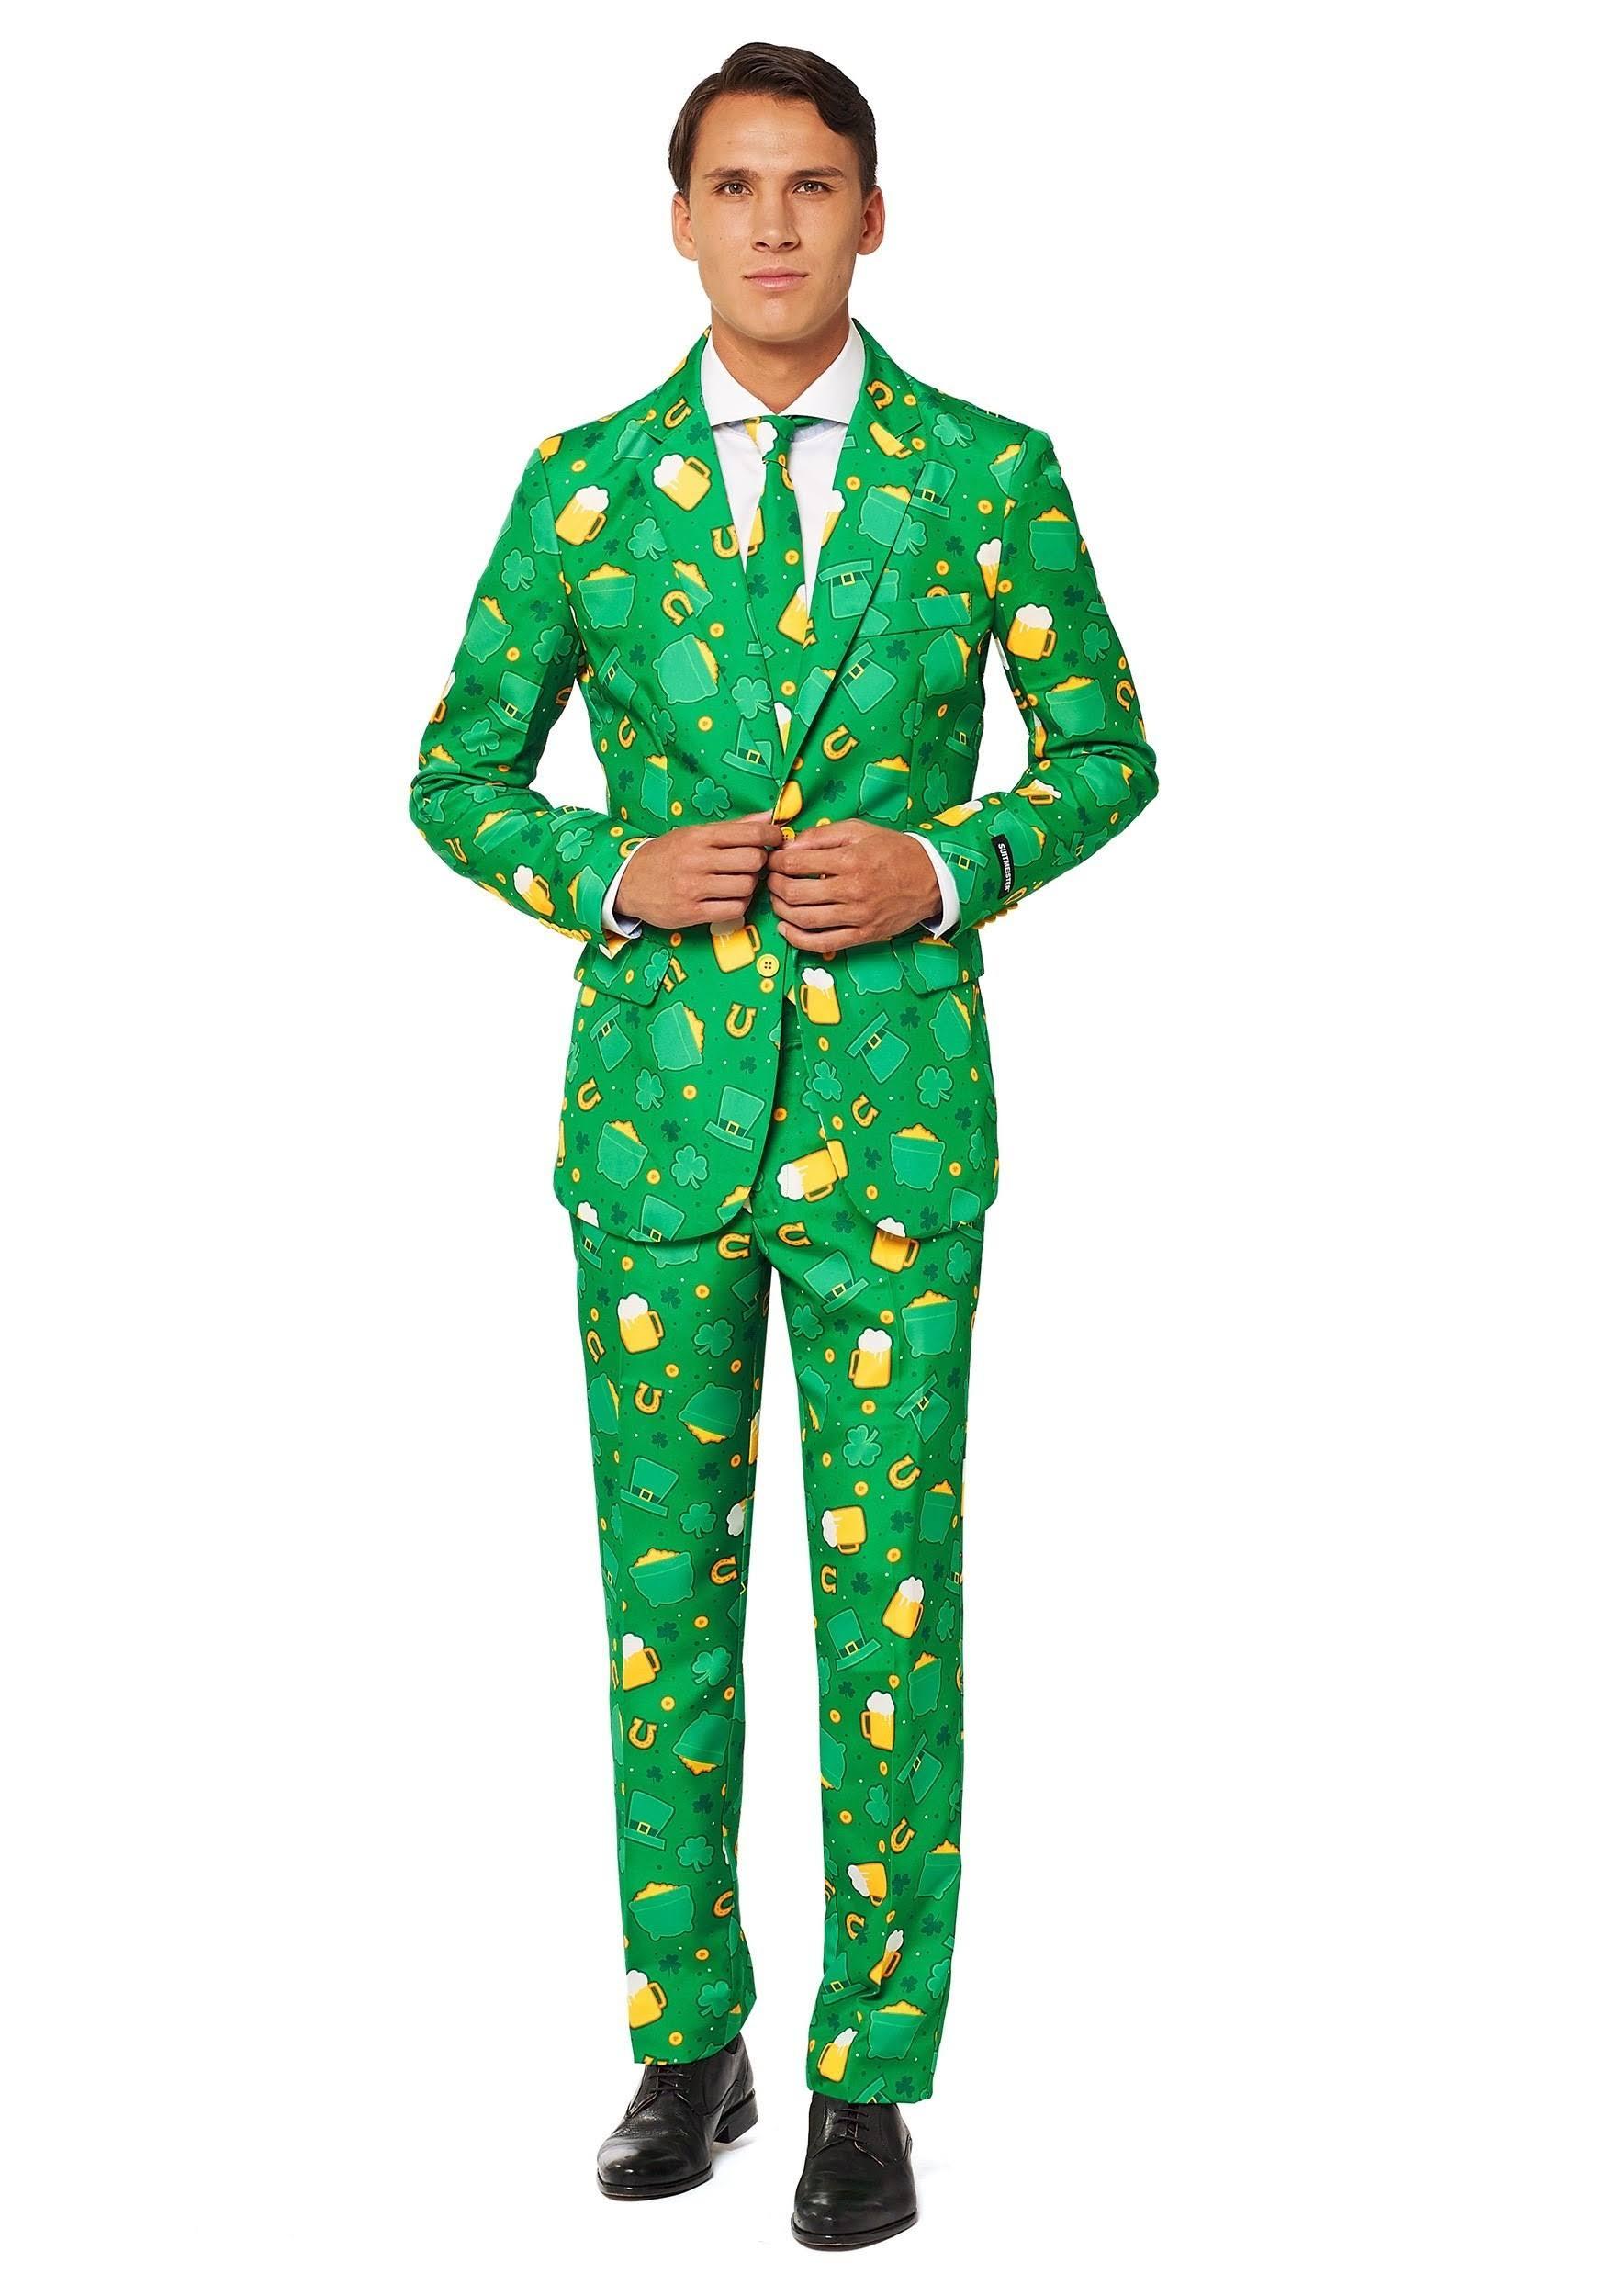 Patricio Los Día Hombres San Suitmeister De Traje Del qW7X1